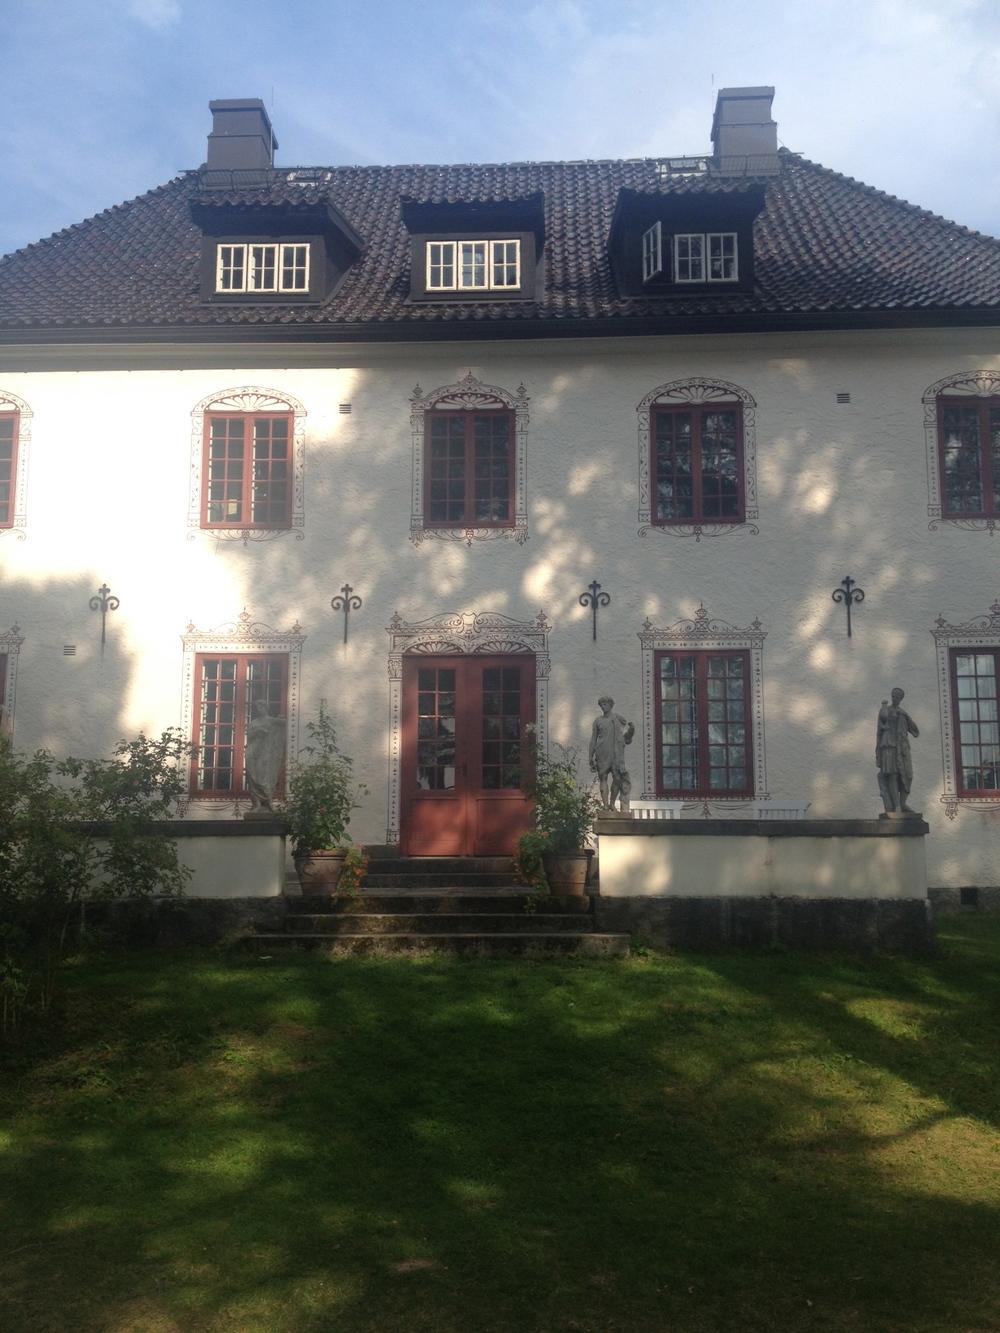 Husets baksida - lägg särskilt märke till de målade fönsterkarmarna   Foto:  Palatsliv